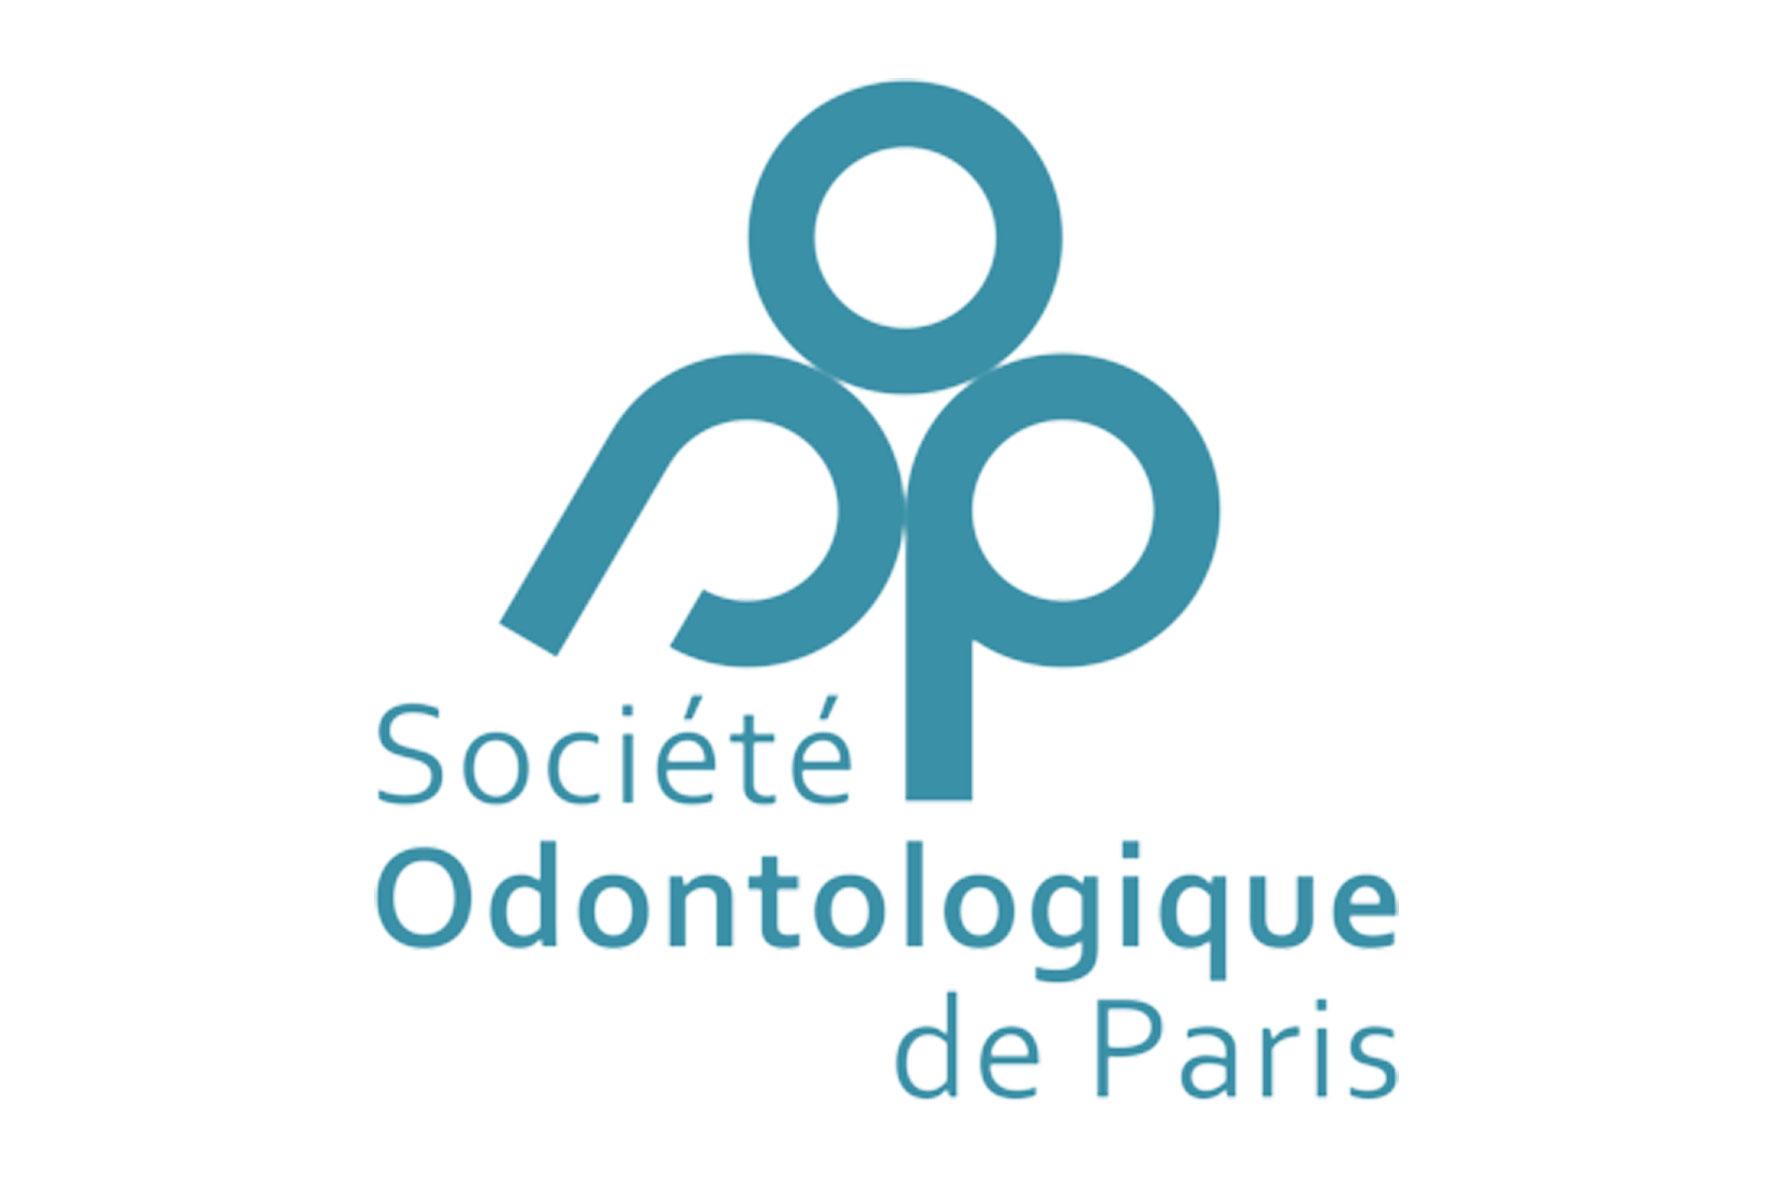 Partenaires Hypnose Institute : Société Odontologique de Paris